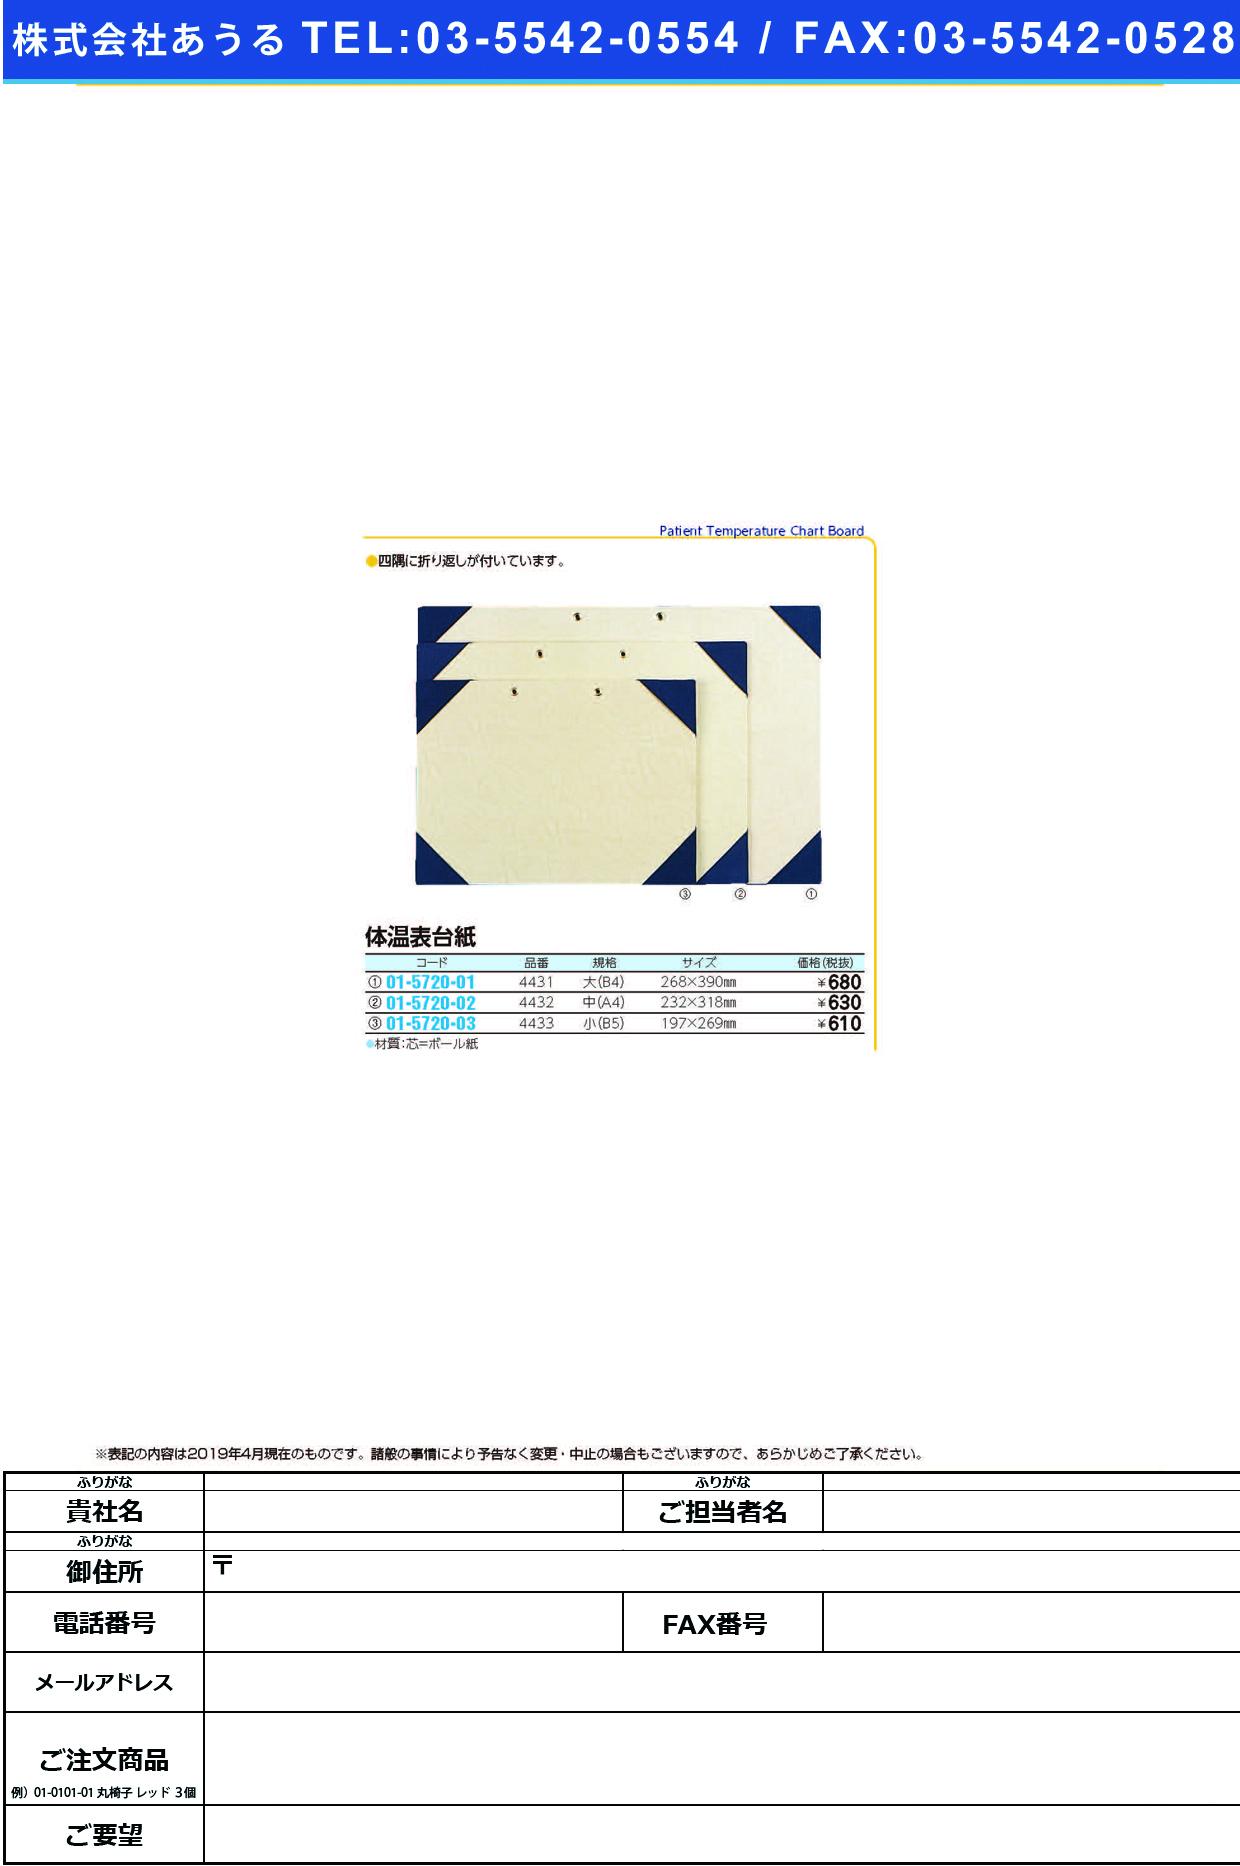 (01-5720-03)体温表台紙(B5)小 4433(197X269) タイオンヒョウダイシ(B5)ショウ【1枚単位】【2019年カタログ商品】